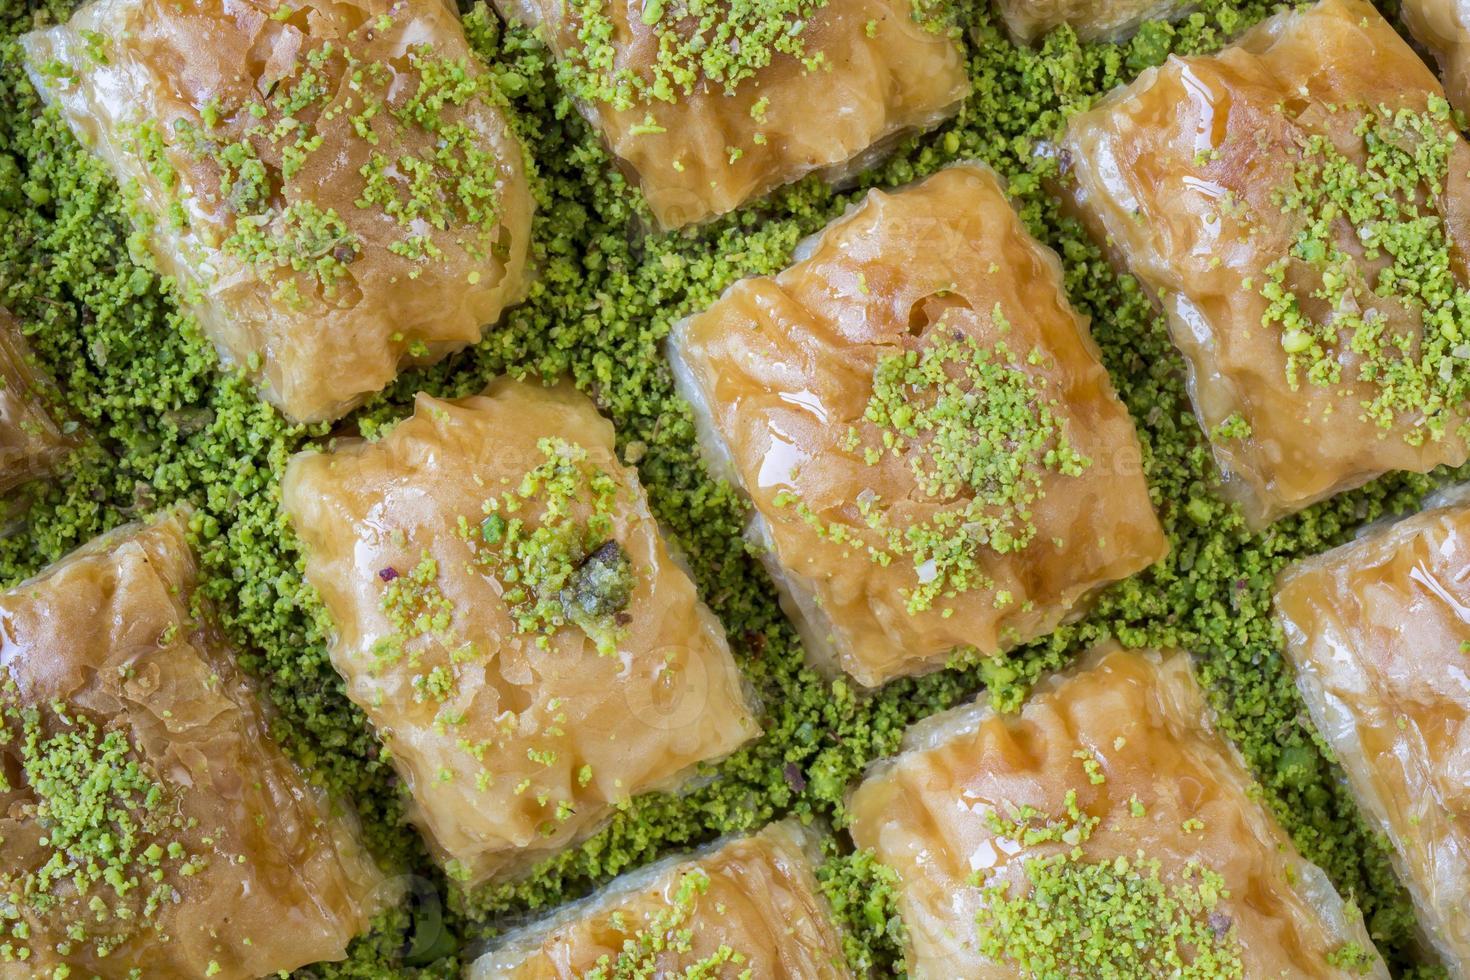 baklava da cozinha turca foto